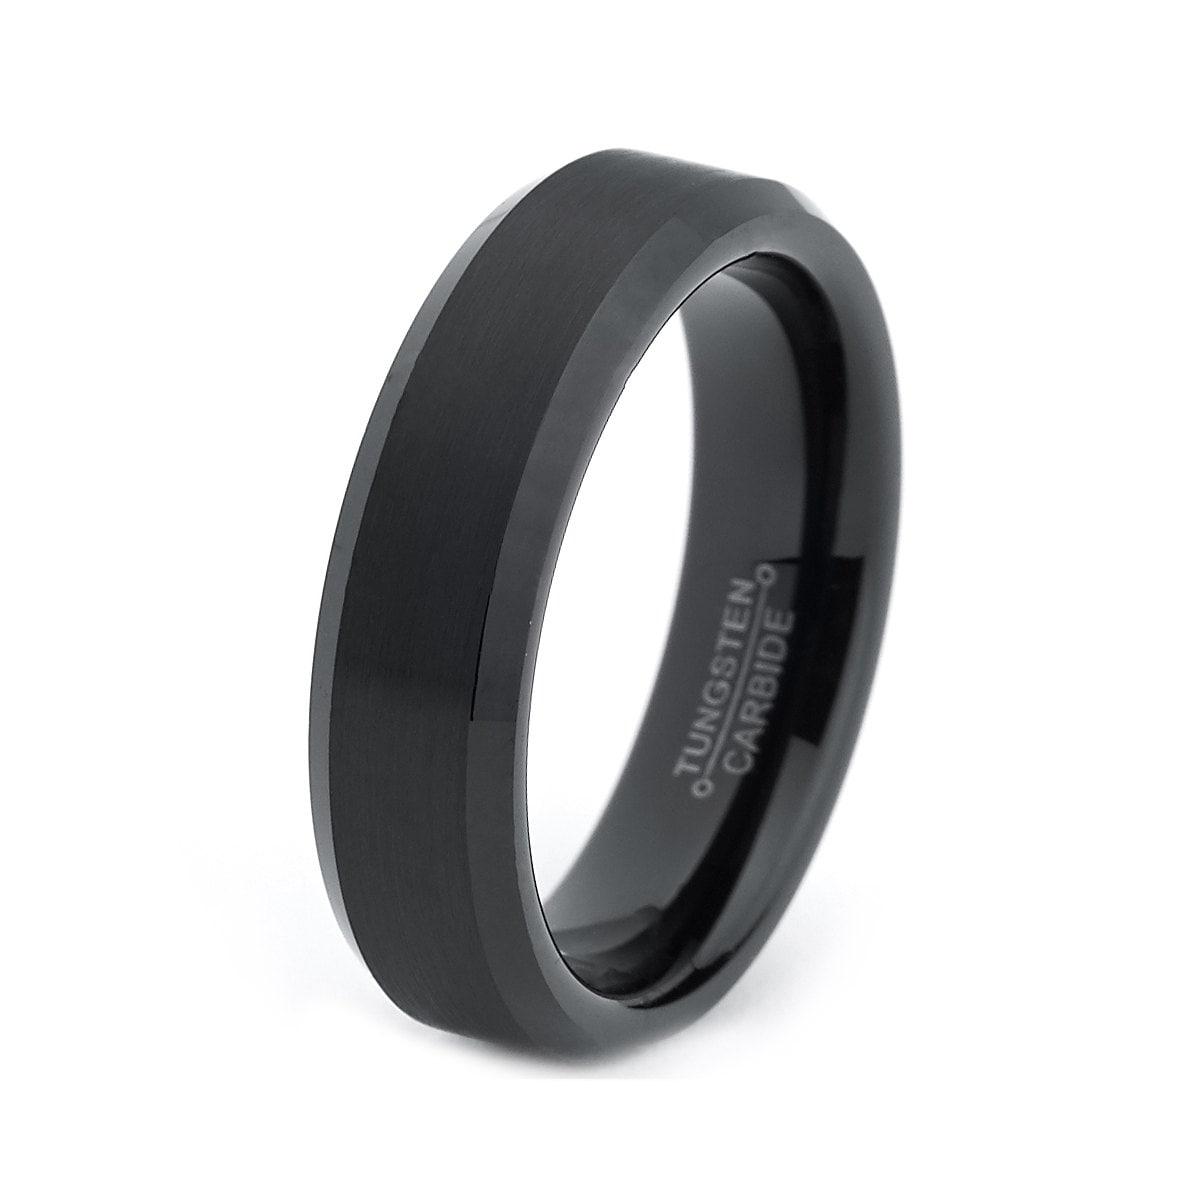 black tungsten ring black enamel mens wedding band brushed wedding